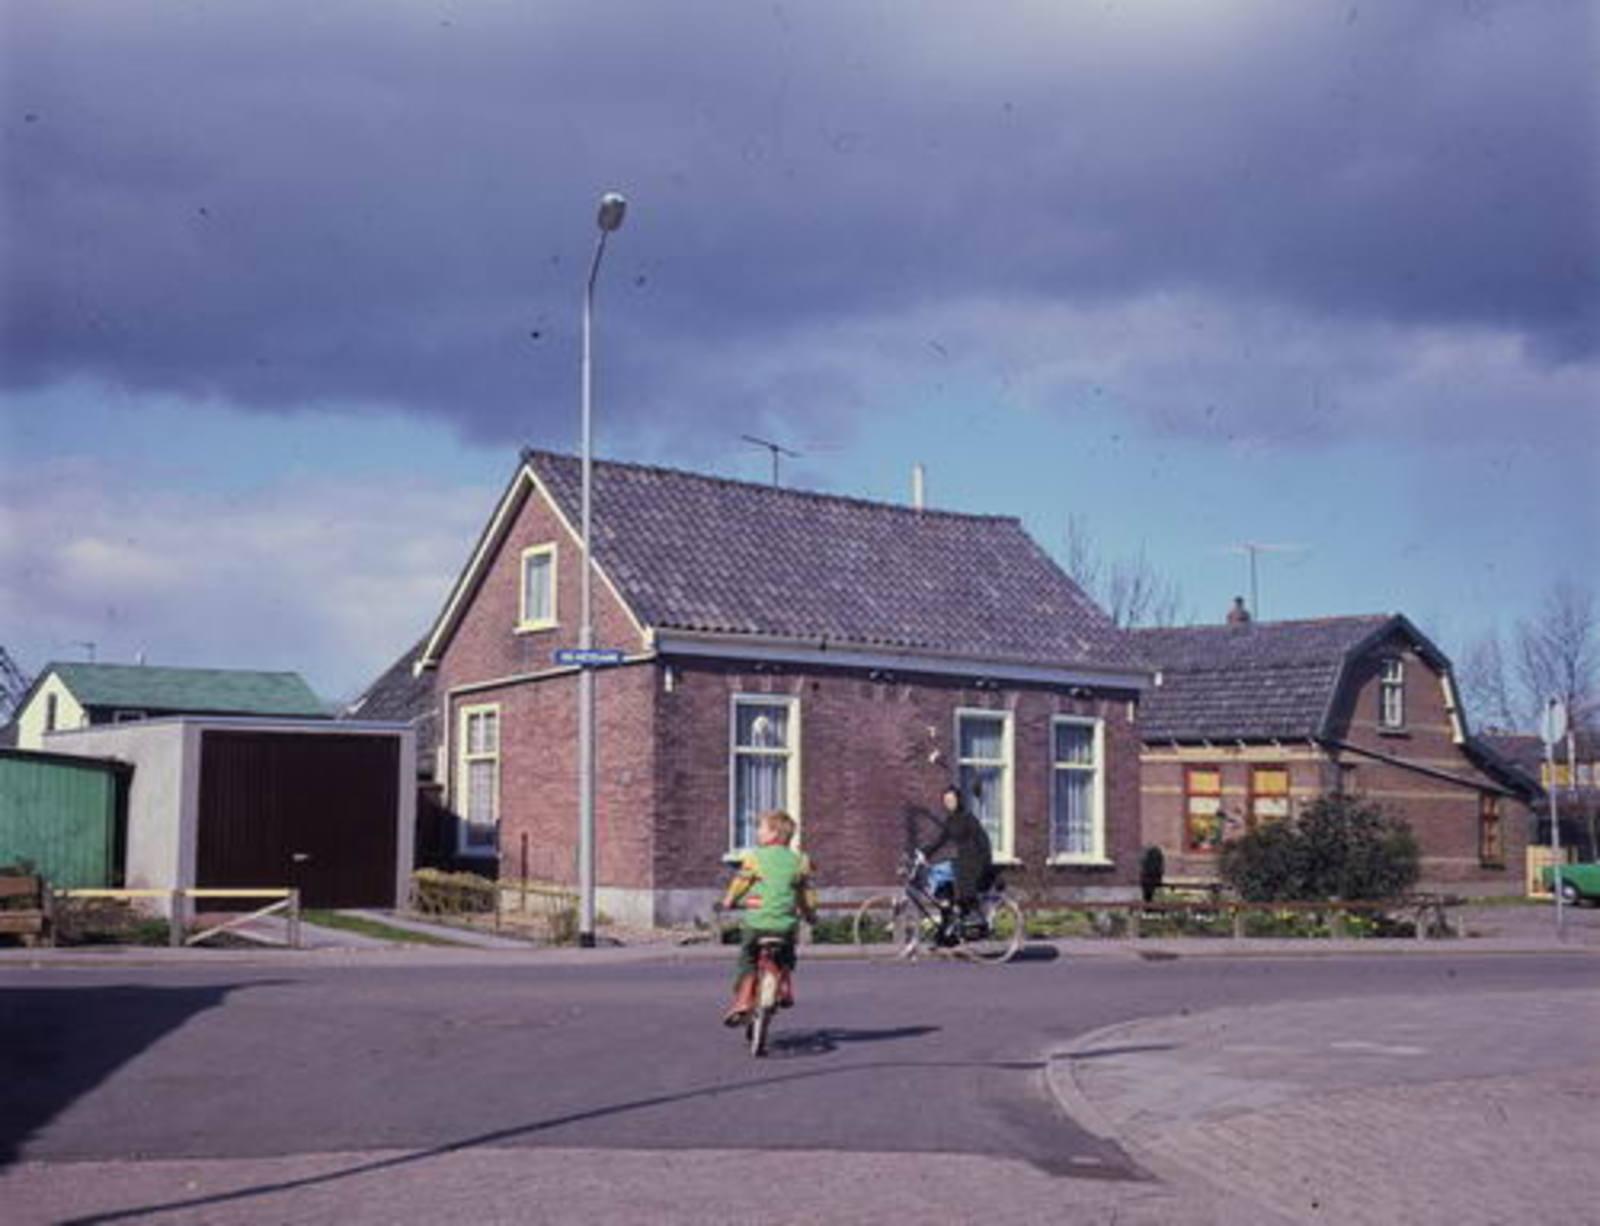 Cornelia Sophialaan 0002 1978 Cornelia Sophiaschool